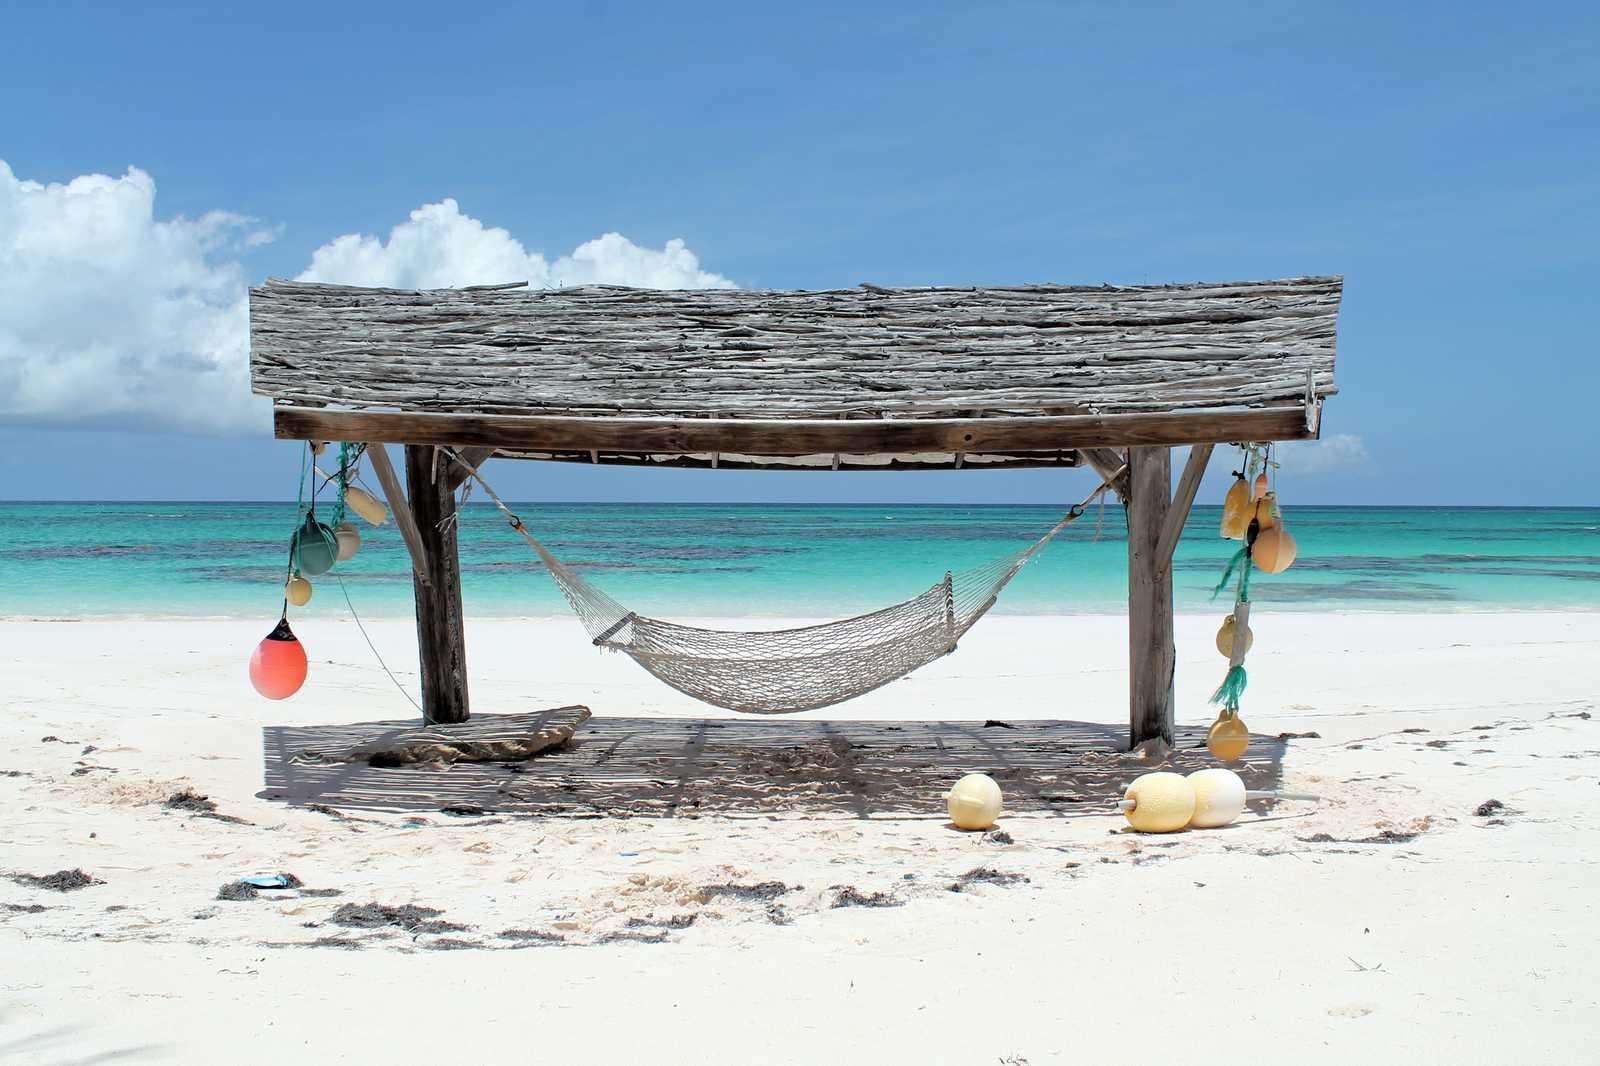 Hängematte auf den Bahamas